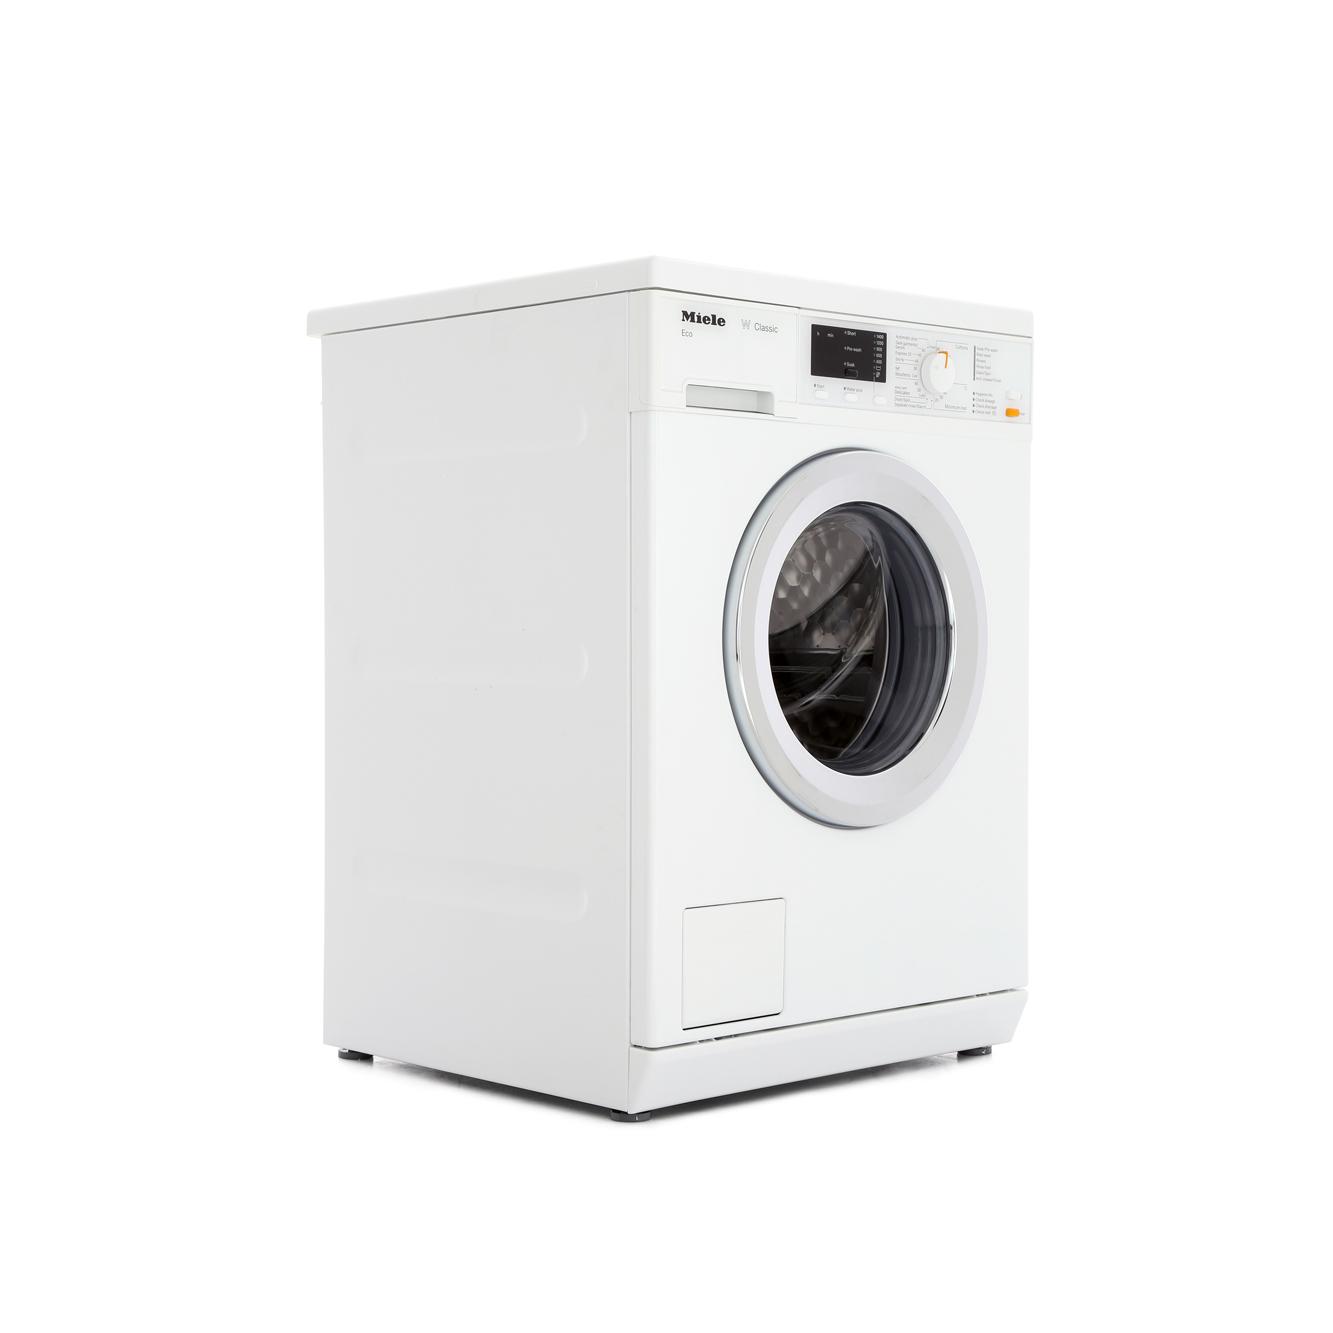 miele washing machine parts